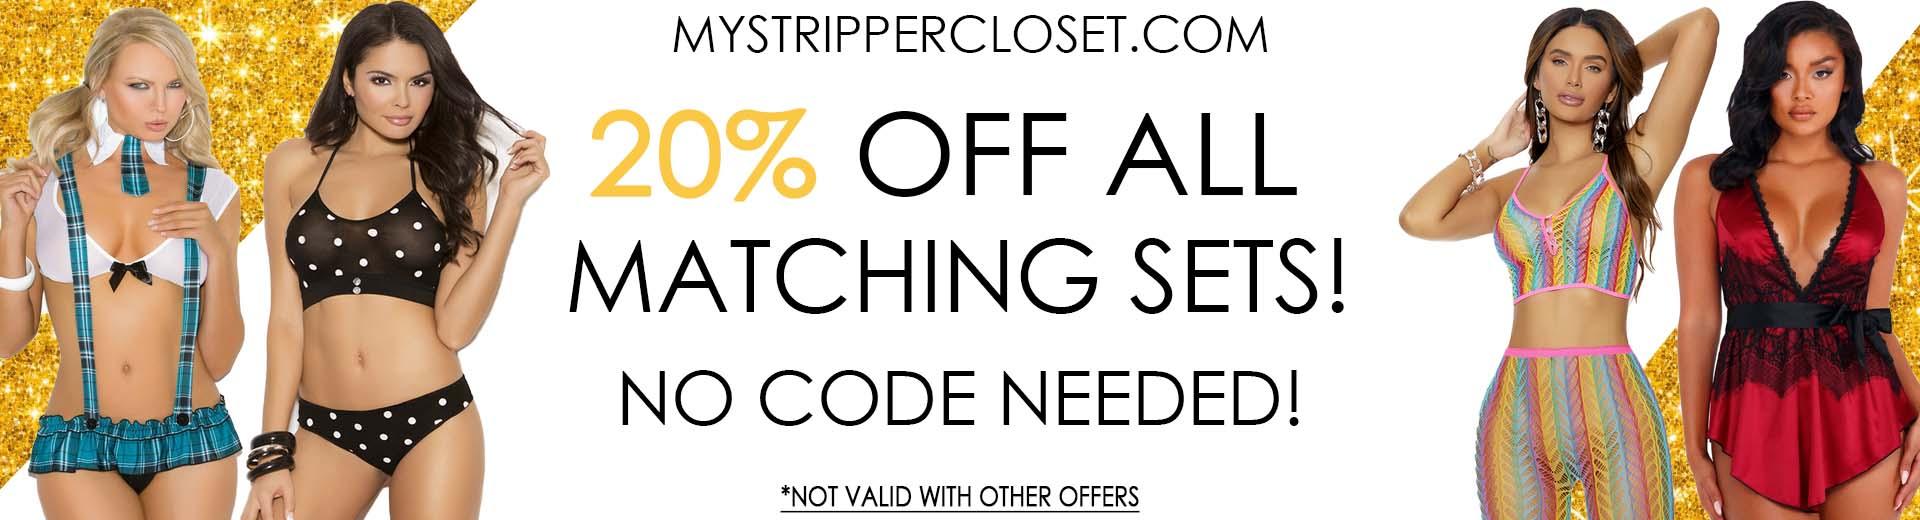 20% OFF ALL MATCHING SETS MYSTRIPPERCLOSET.COM